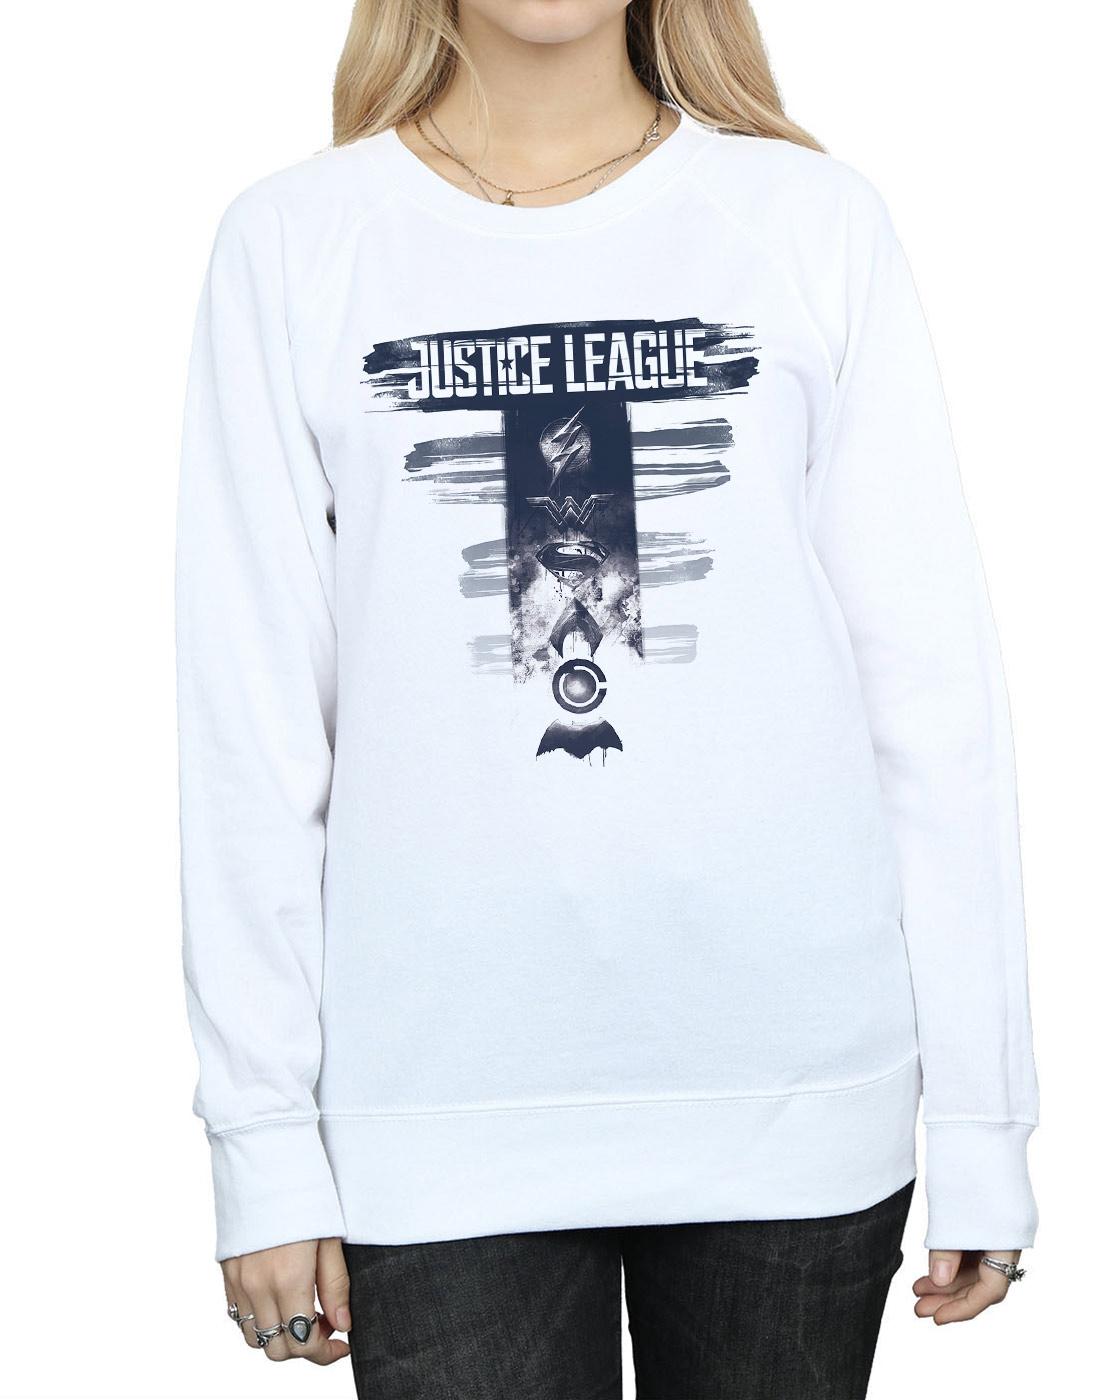 DC Comics Damen Justice League Movie Logo Badges Sweatshirt | | | München Online Shop  | Neue Produkte im Jahr 2019  | Einfach zu bedienen  | Good Design  | Moderater Preis  56b91c